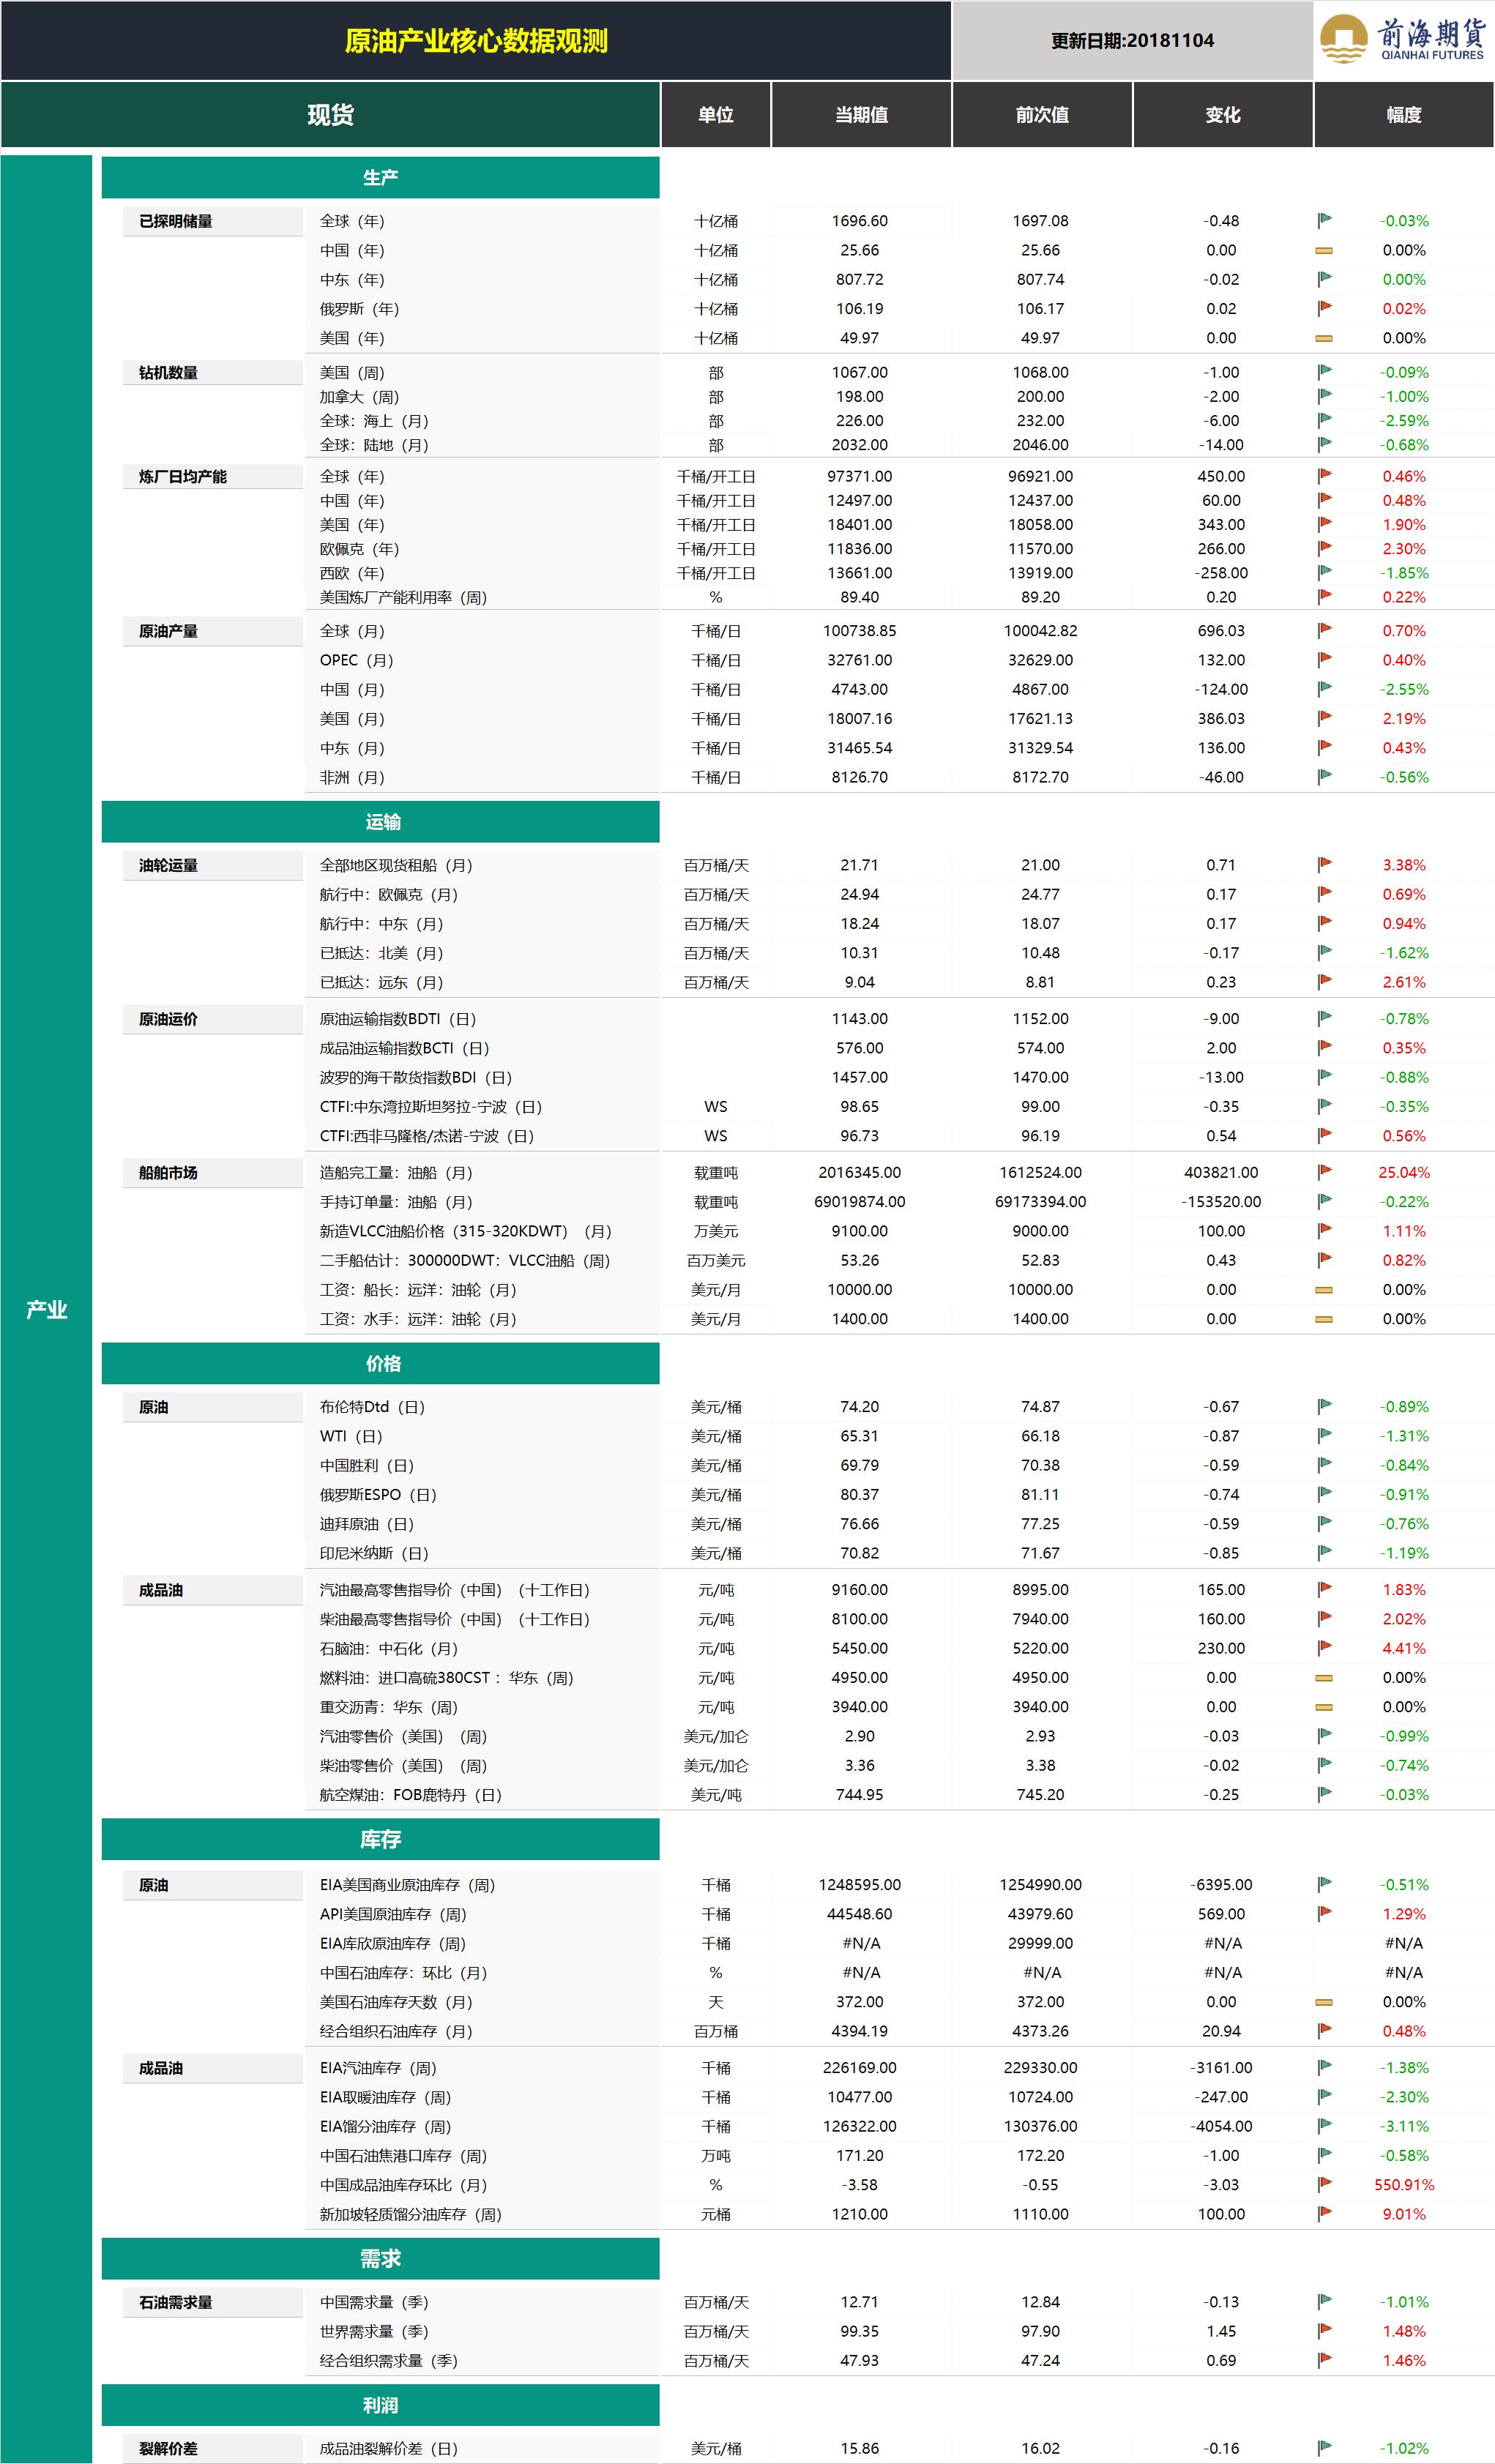 20181105前海期货—原油产业核心数据观测1.png